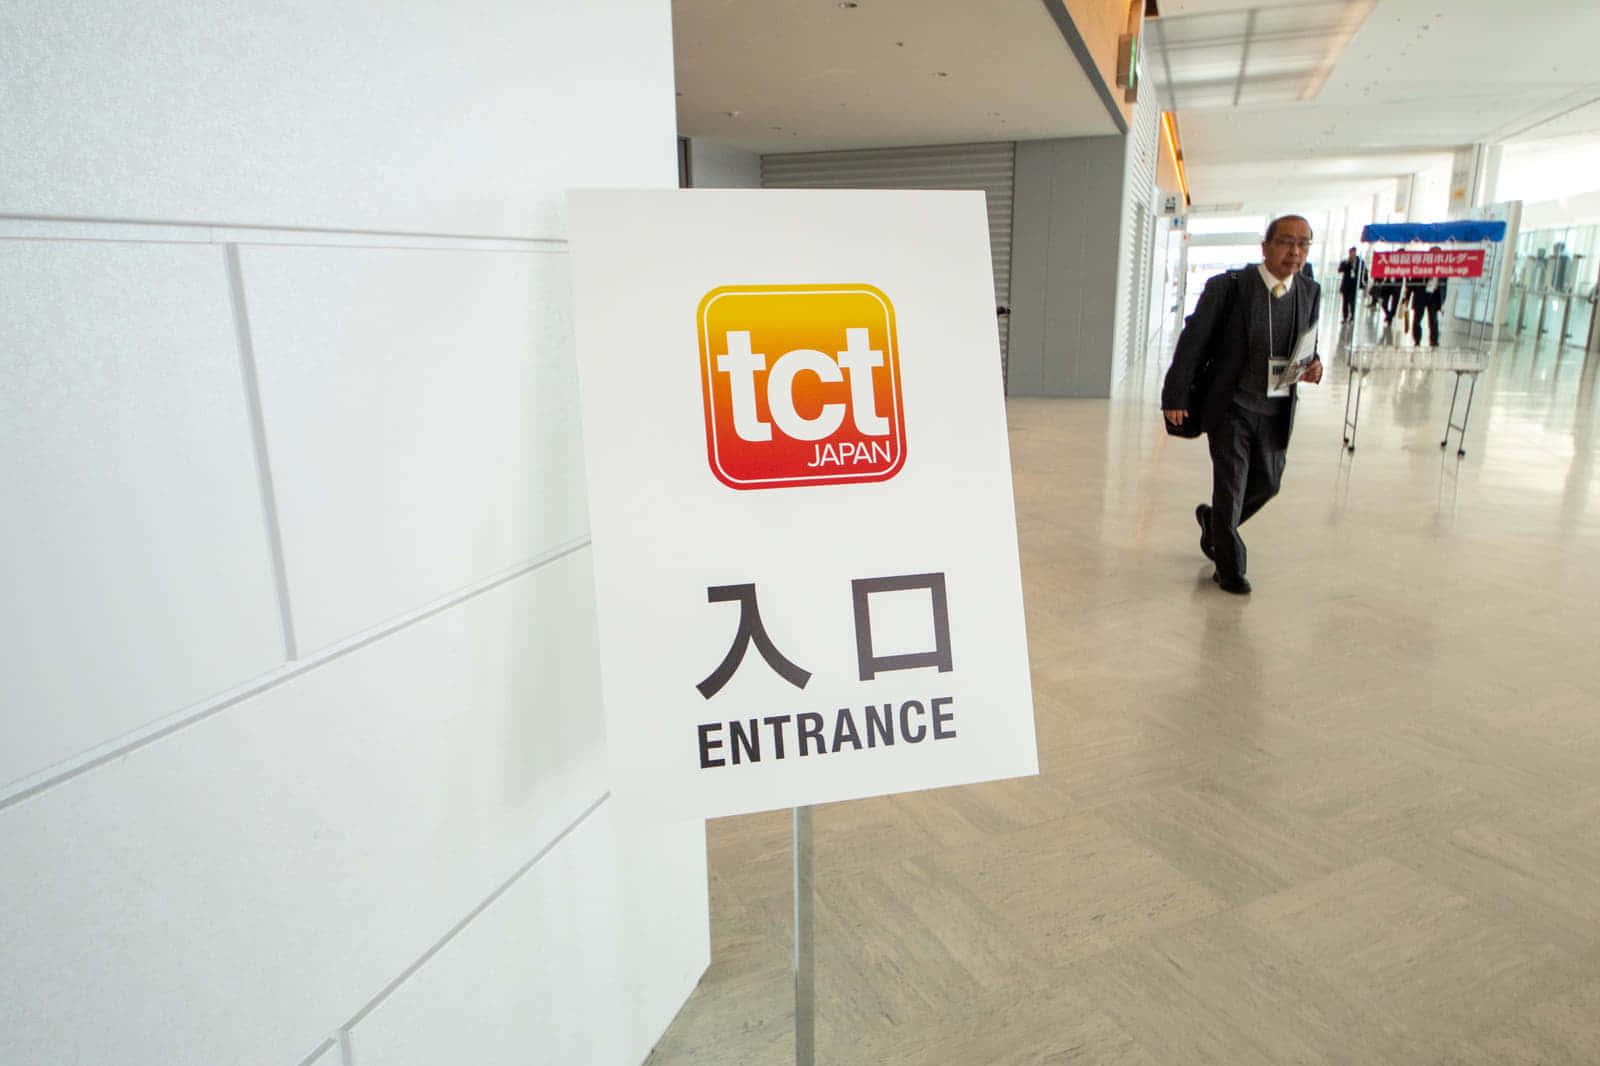 TCT Japan 2020レポート #TCTJapan